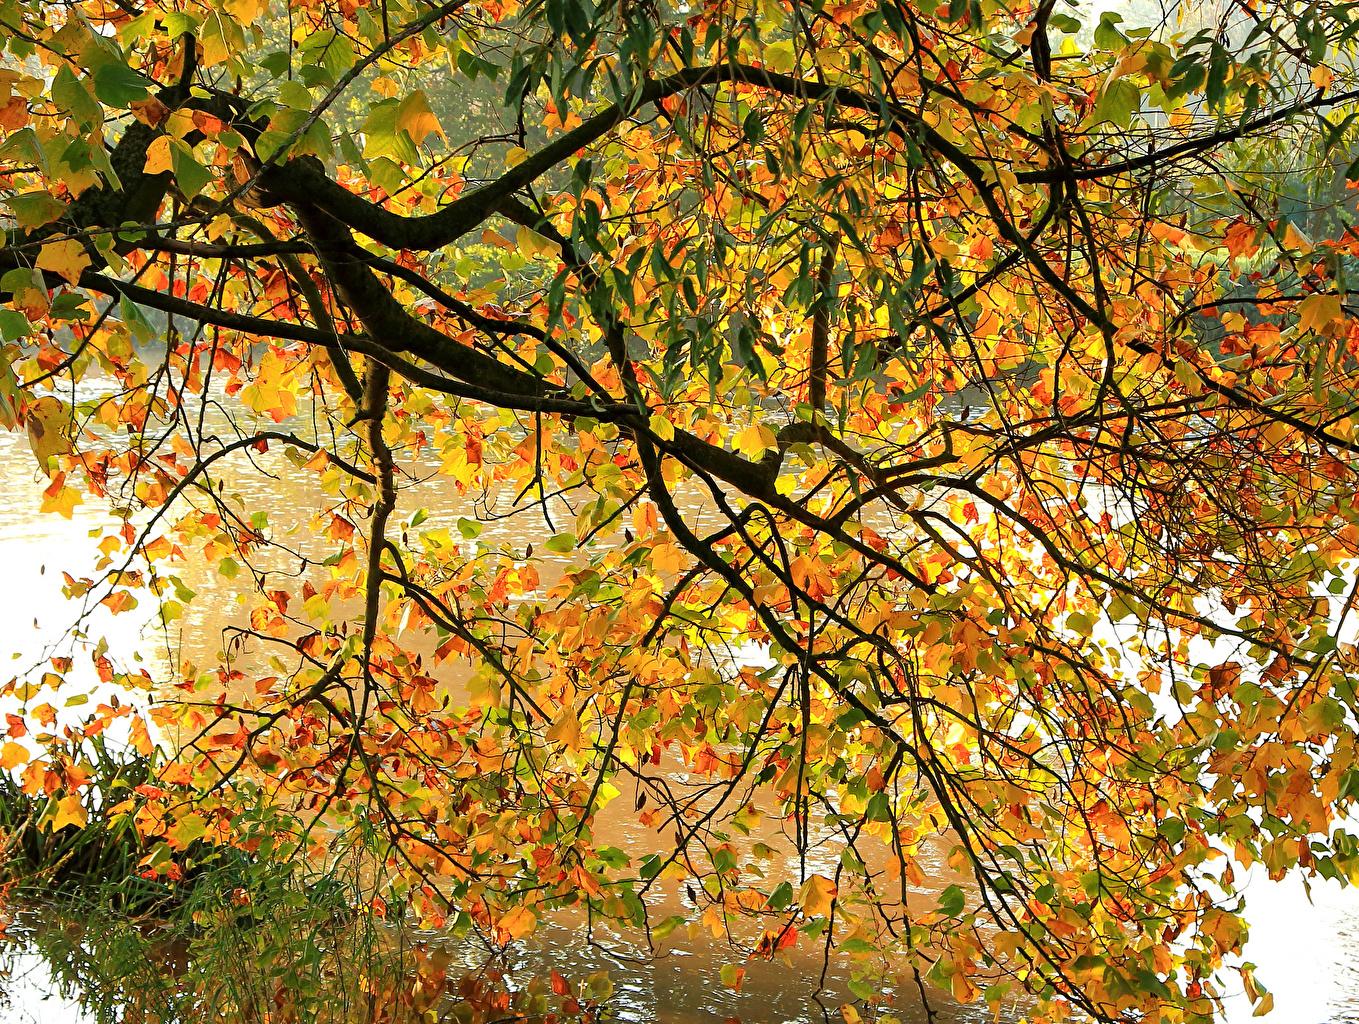 Фотография лист Природа осенние ветка Листья Листва Осень ветвь Ветки на ветке